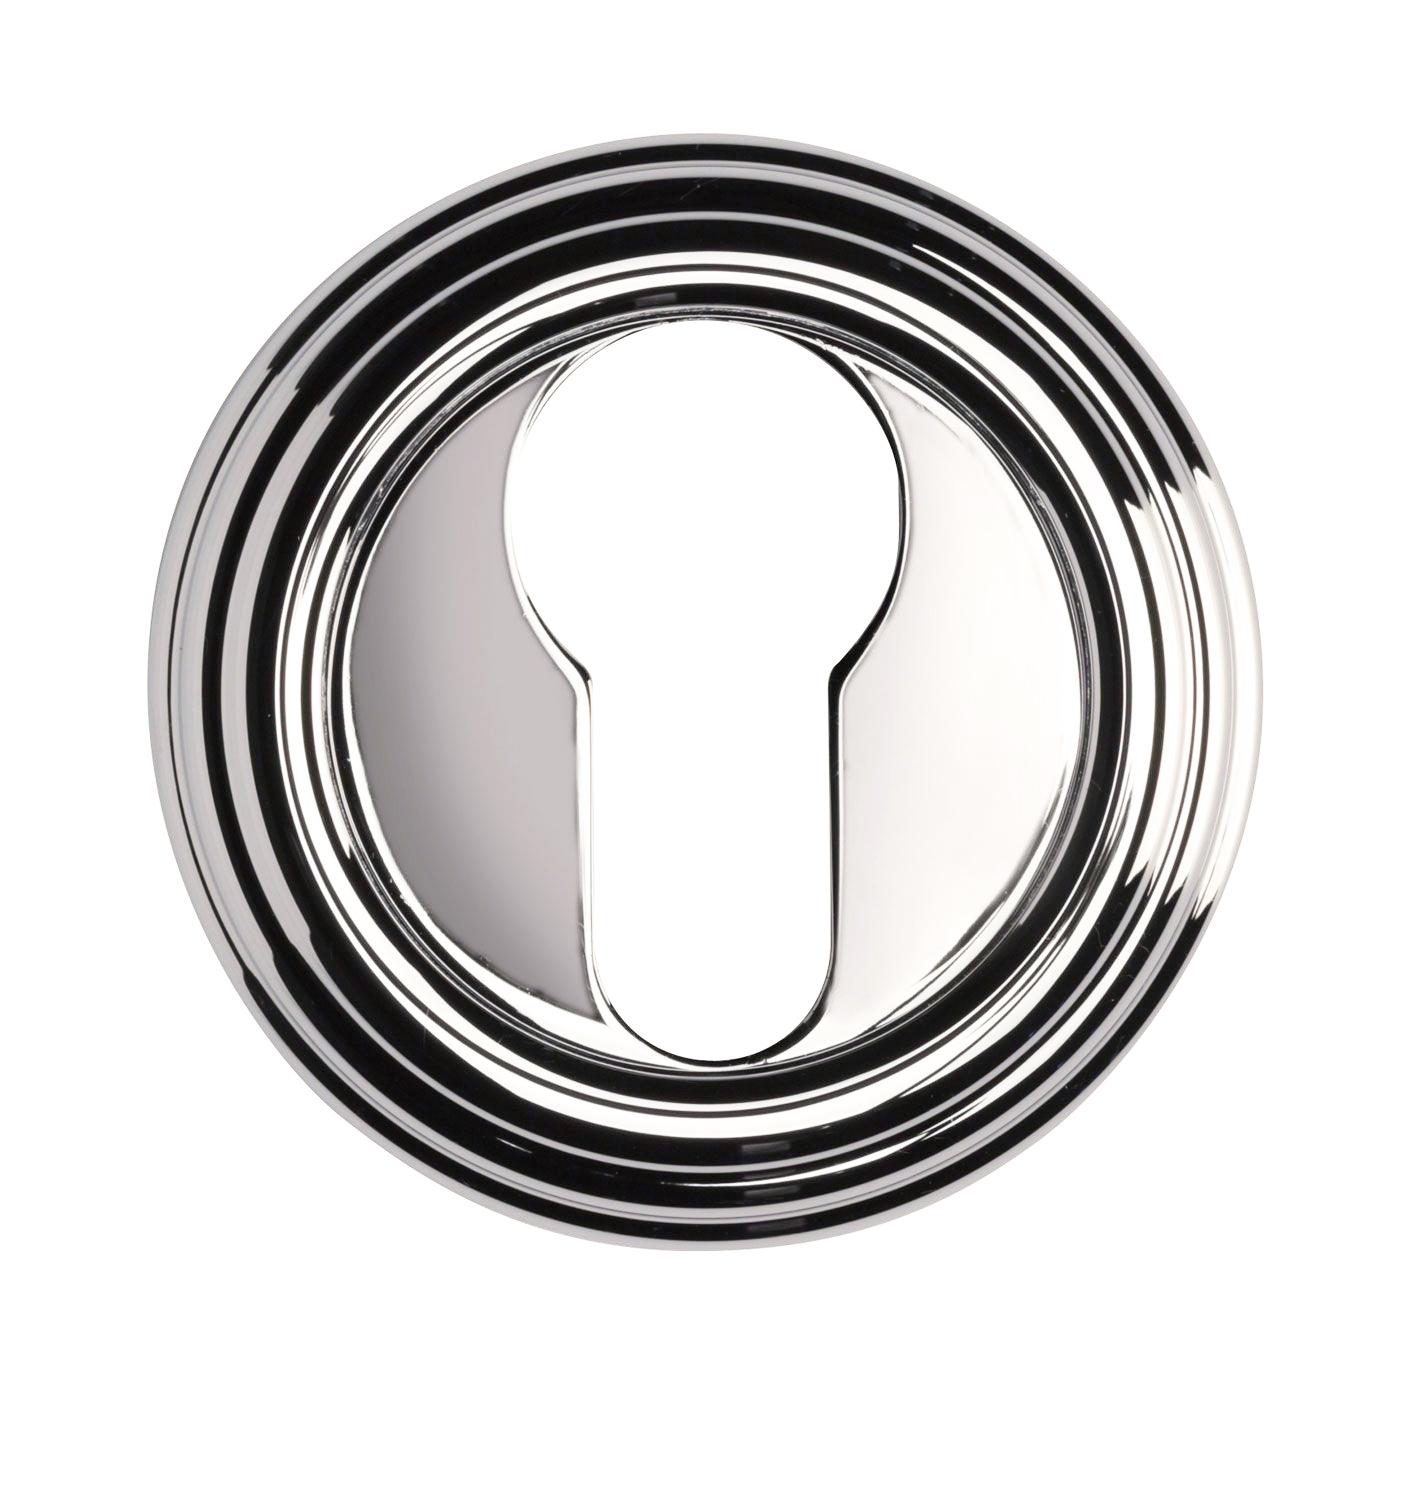 Дополнительные розетки для замка с английским ключом CYL NB никель глянцевый 1053 R3BB